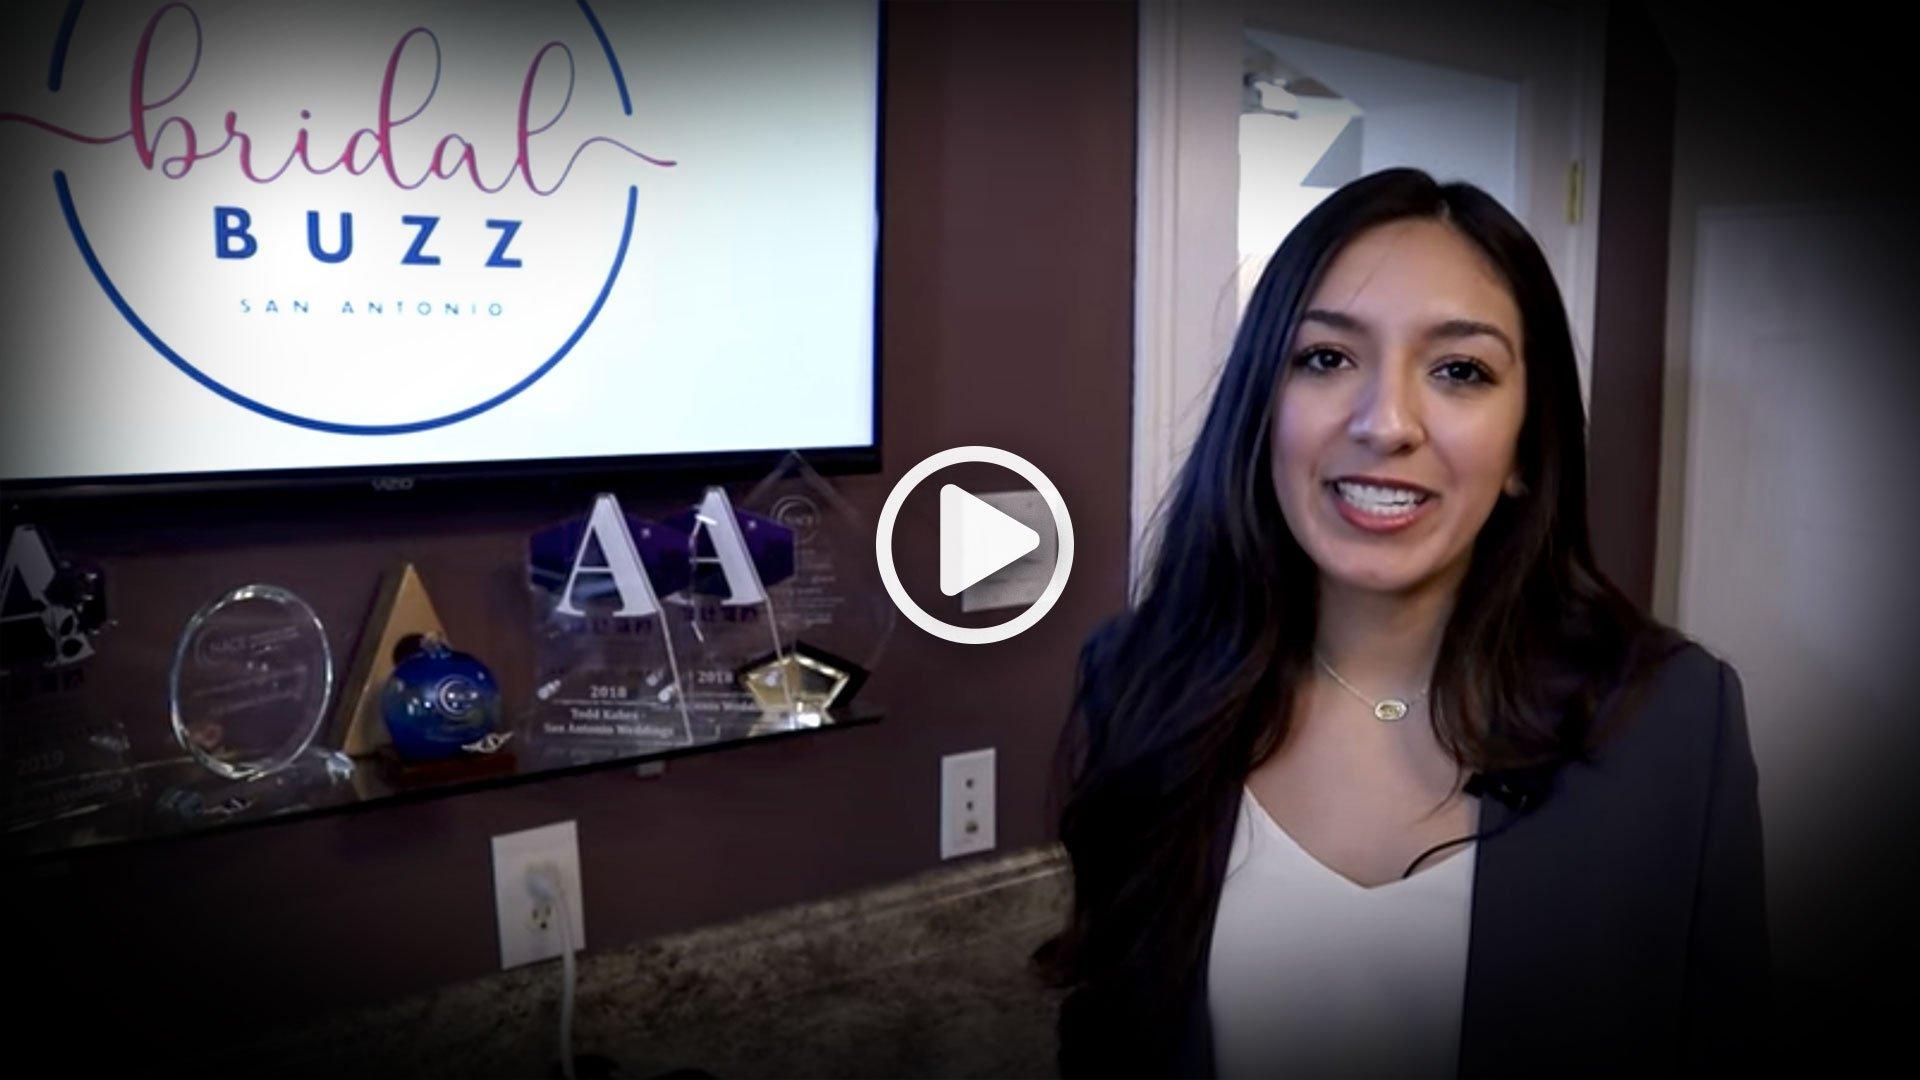 Erika Perez - Bridal Buzz Podcast - San Antonio Weddings